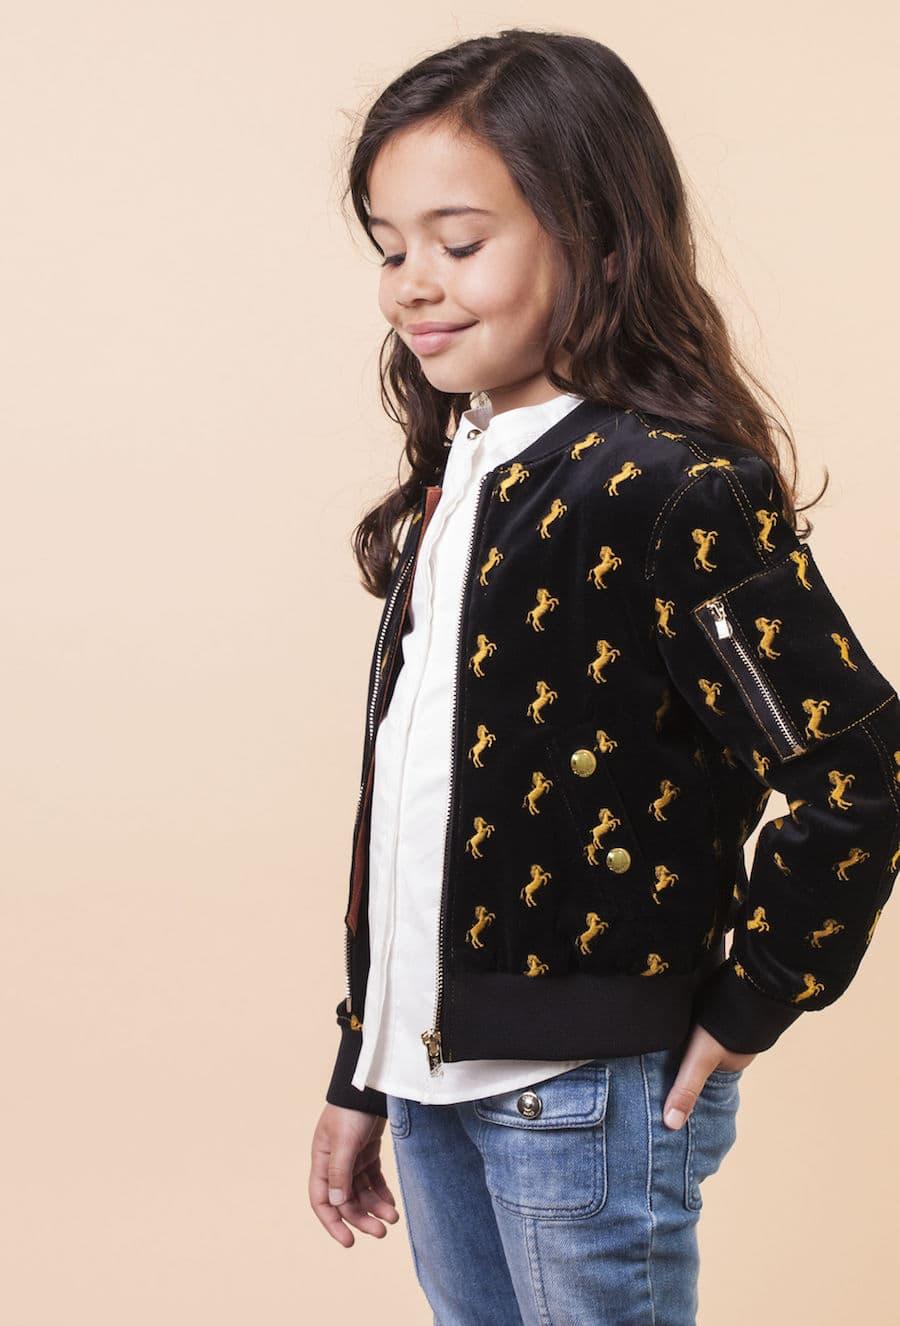 Chloé girls una nueva colección de invierno para las niñas